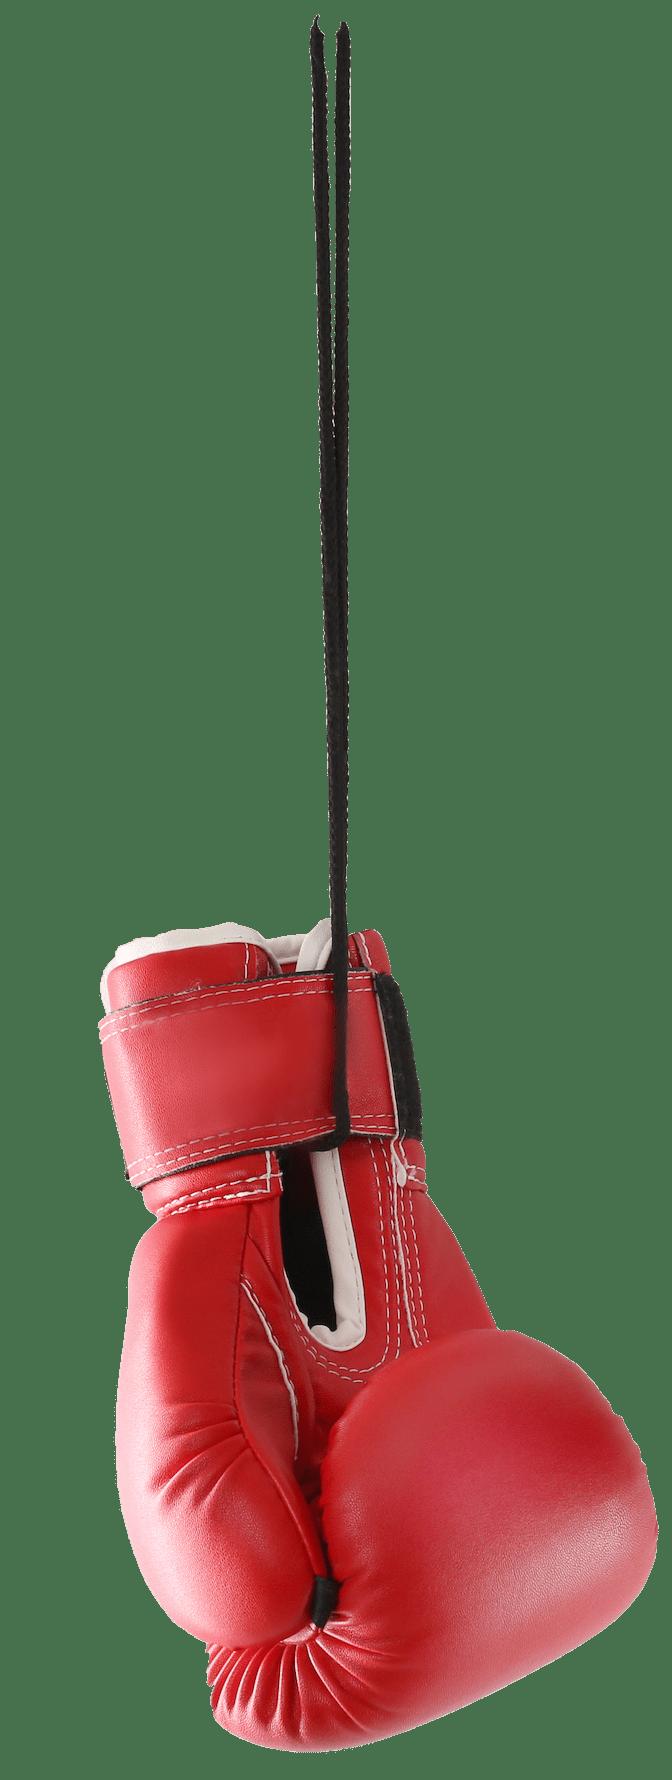 headon boxing academy gloves